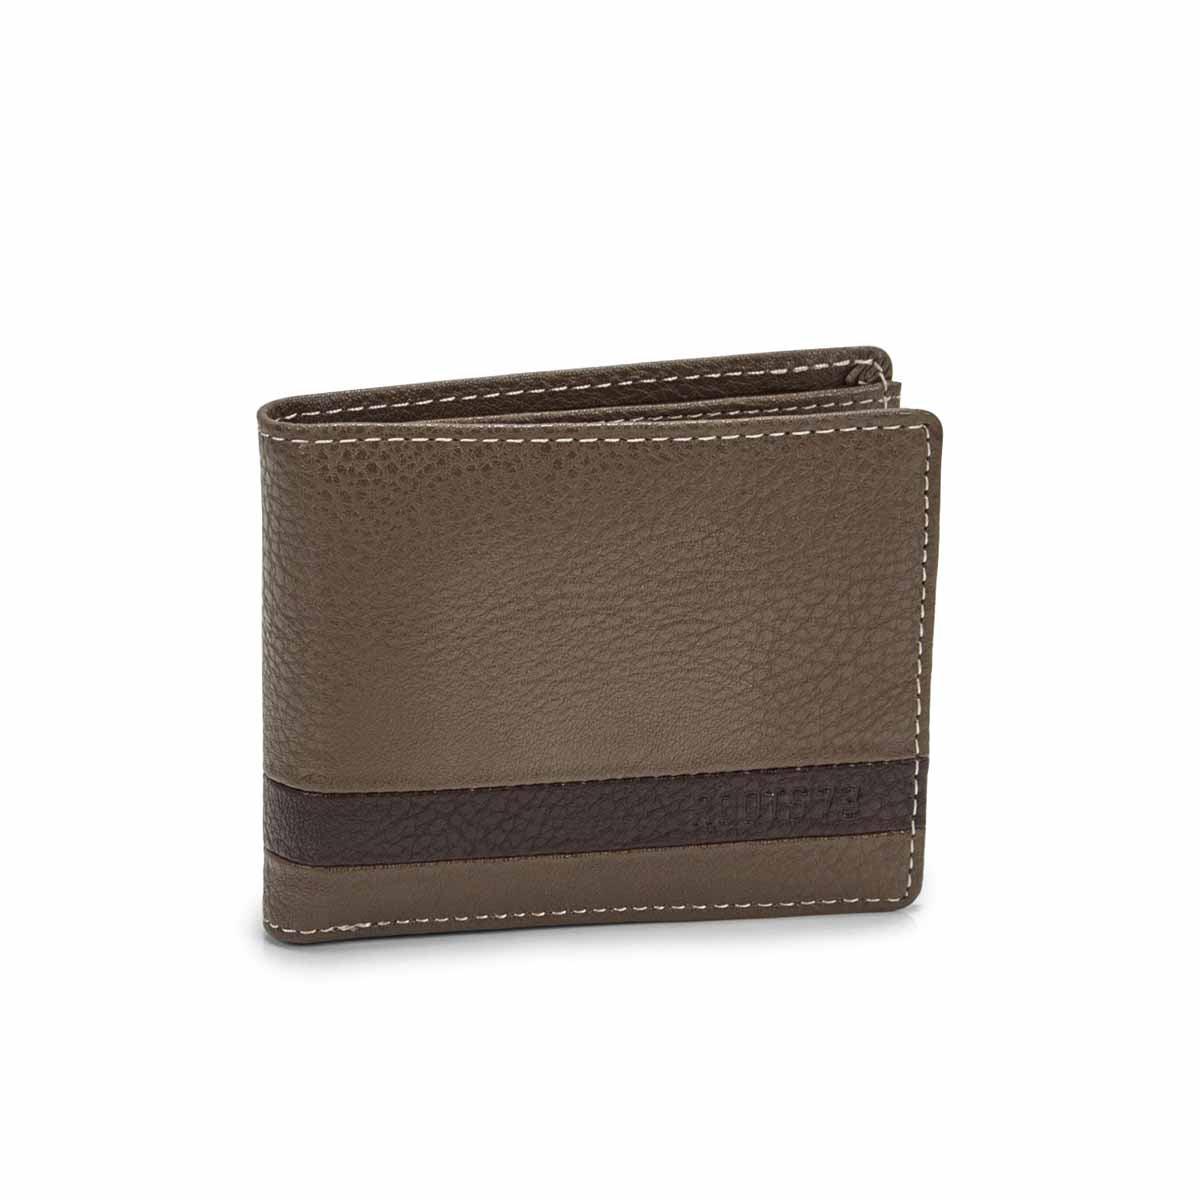 Men's TRAIL stone slimfold wallet